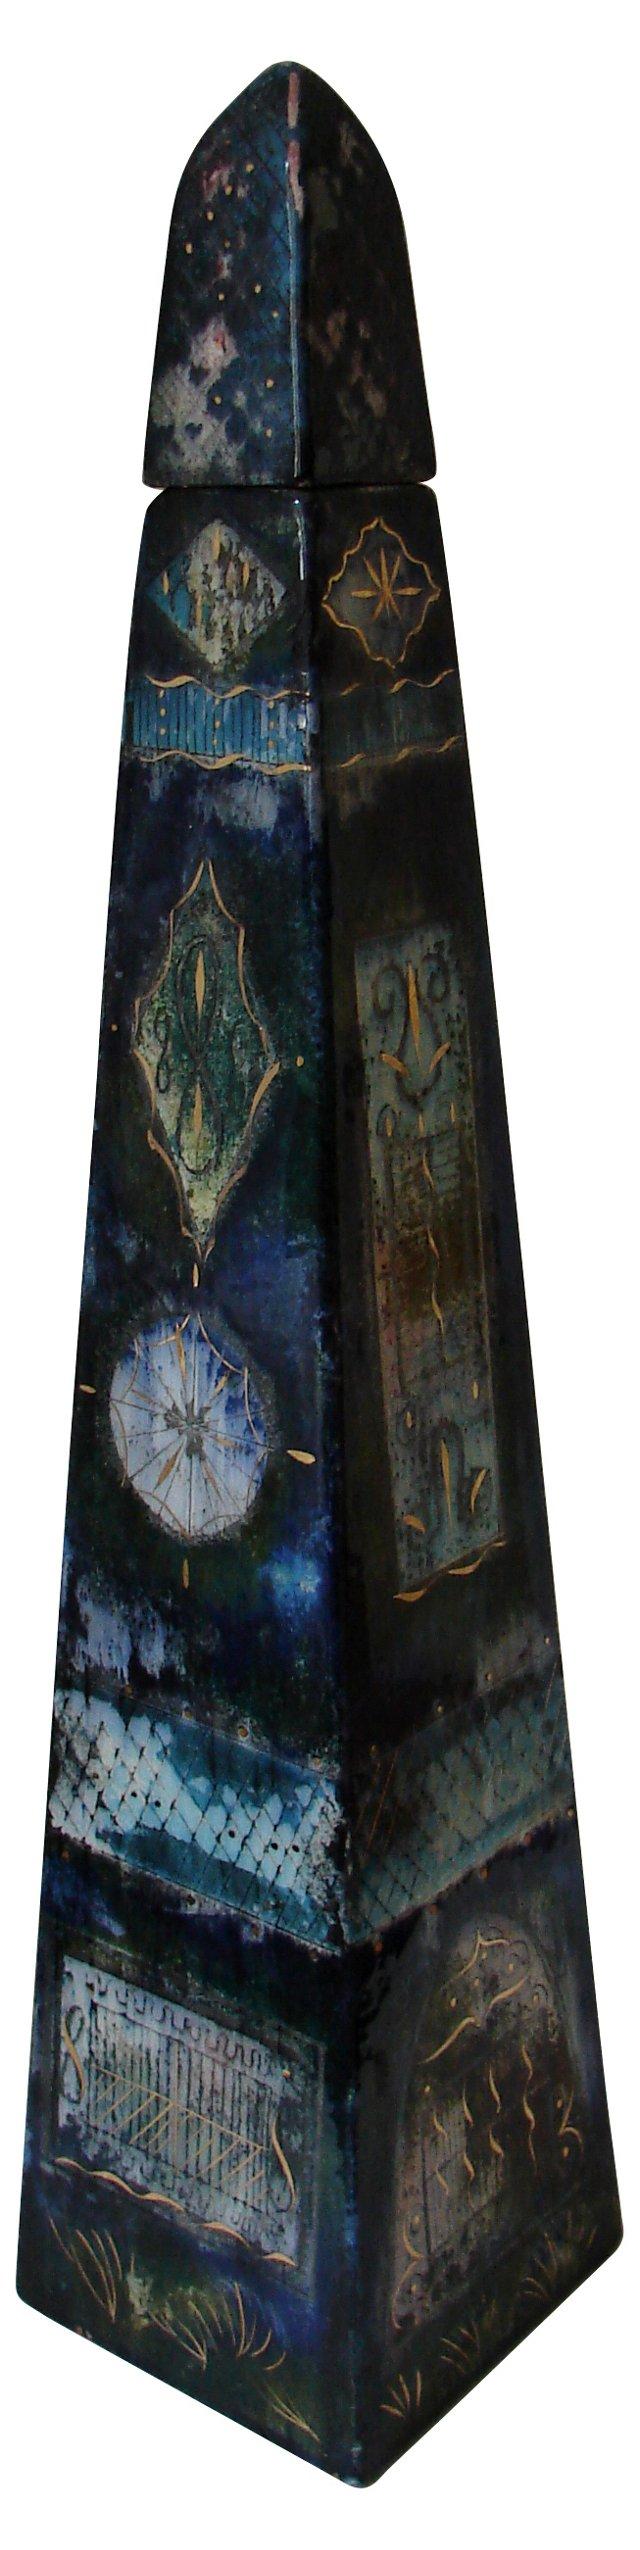 S. Brastoff Obelisk Decanter